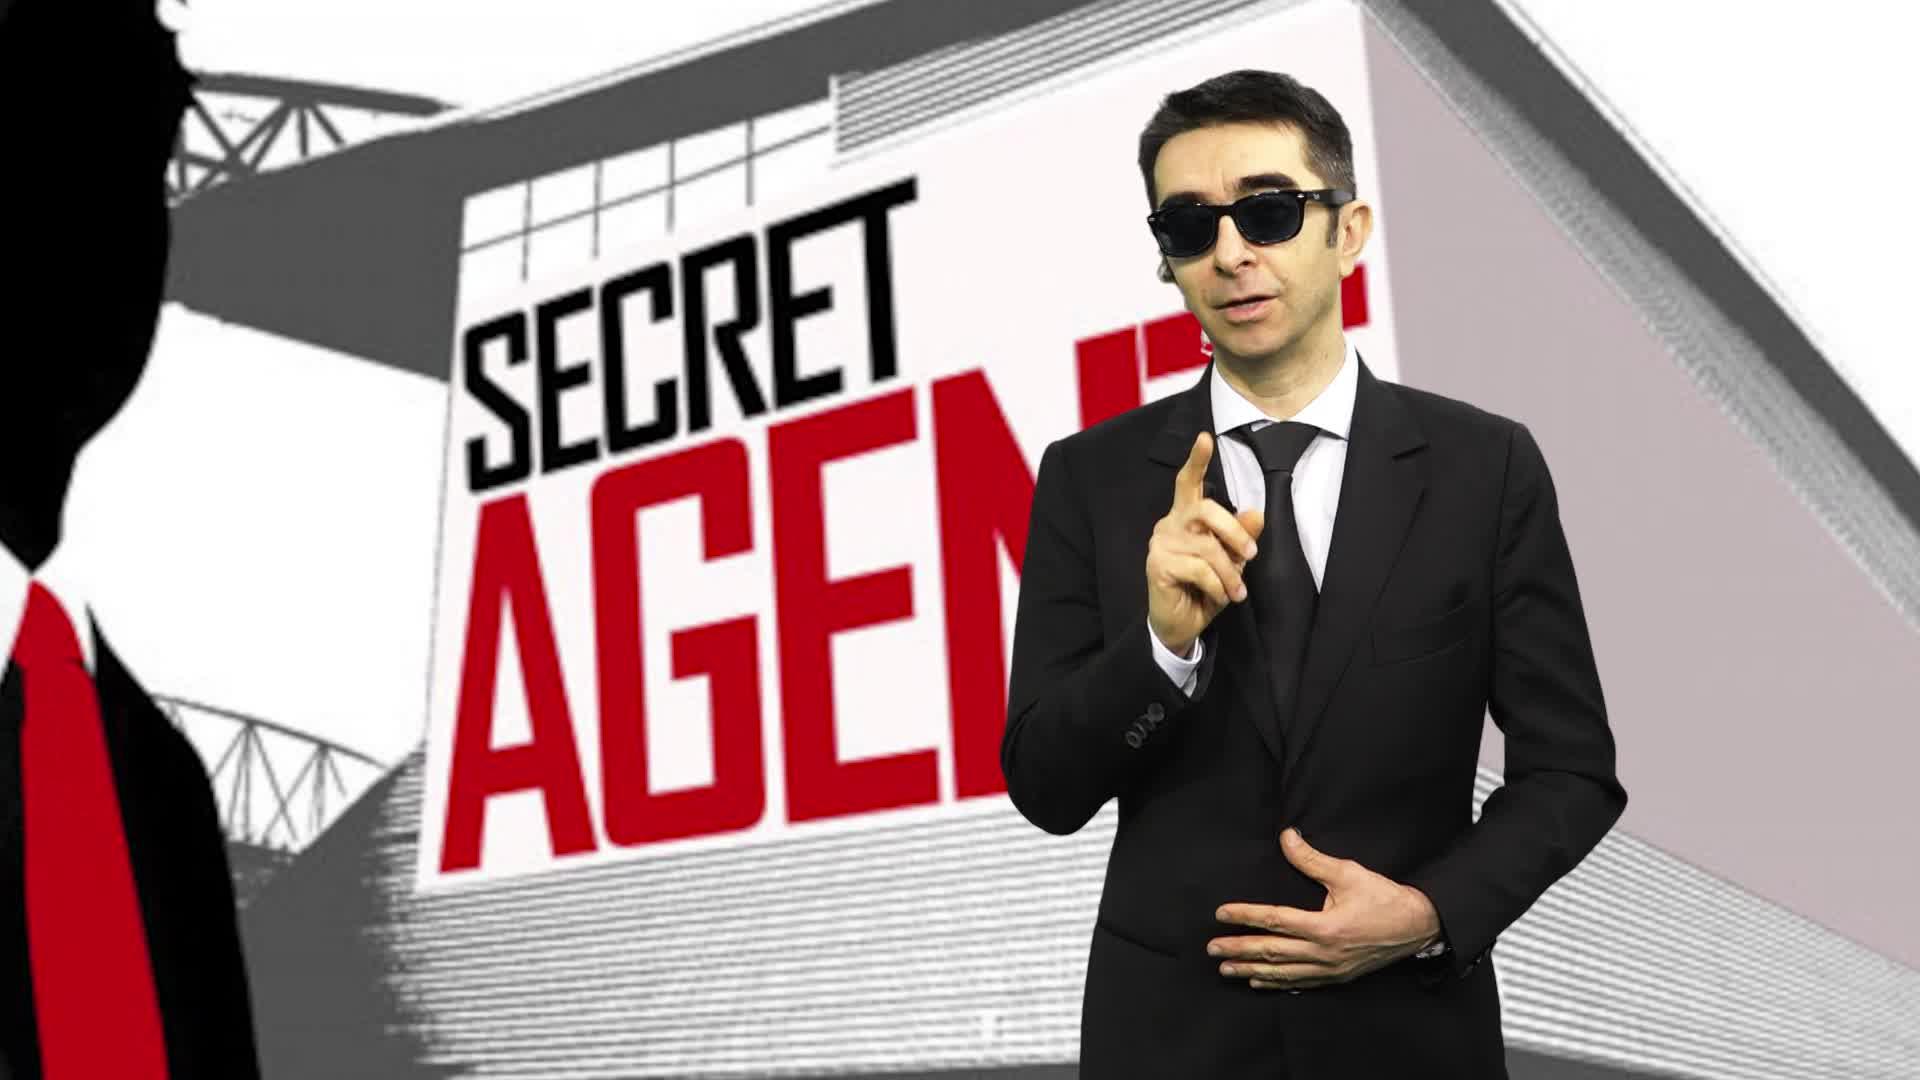 Găinuşă, agent secret